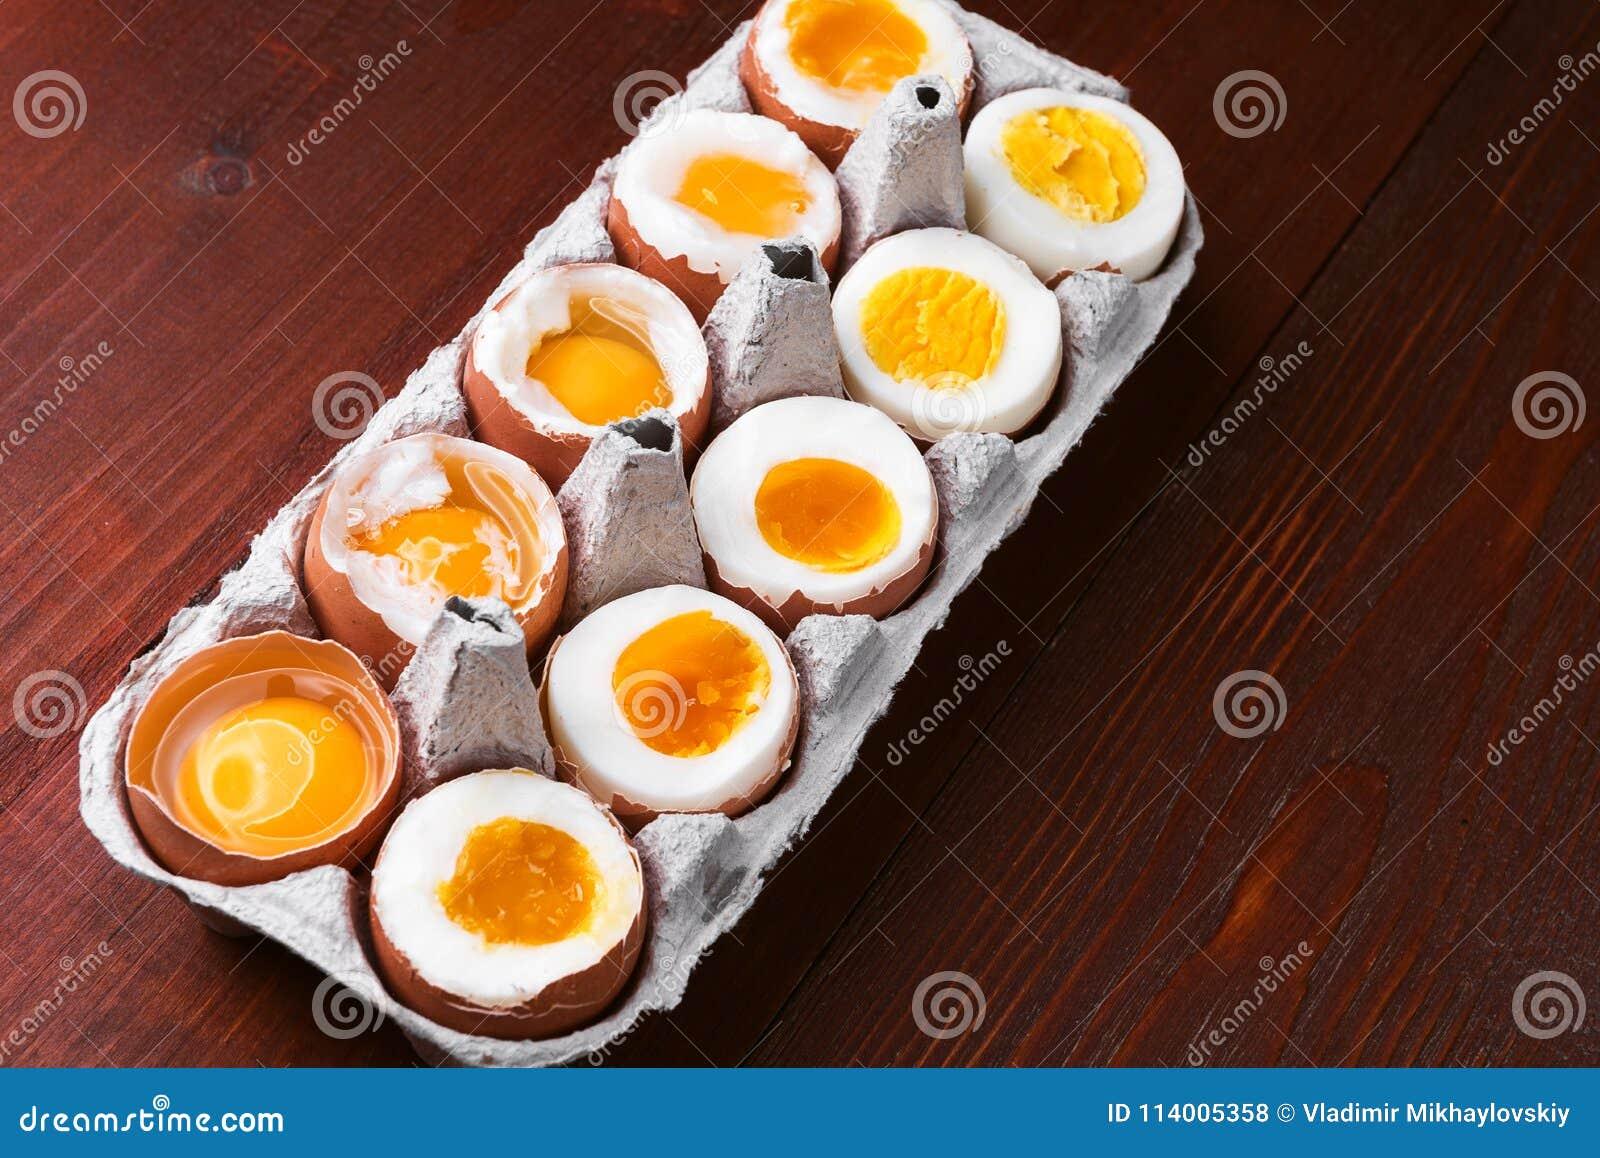 Αυγά στις ποικιλίες βαθμών της διαθεσιμότητας ανάλογα με το χρόνο των βράζοντας αυγών